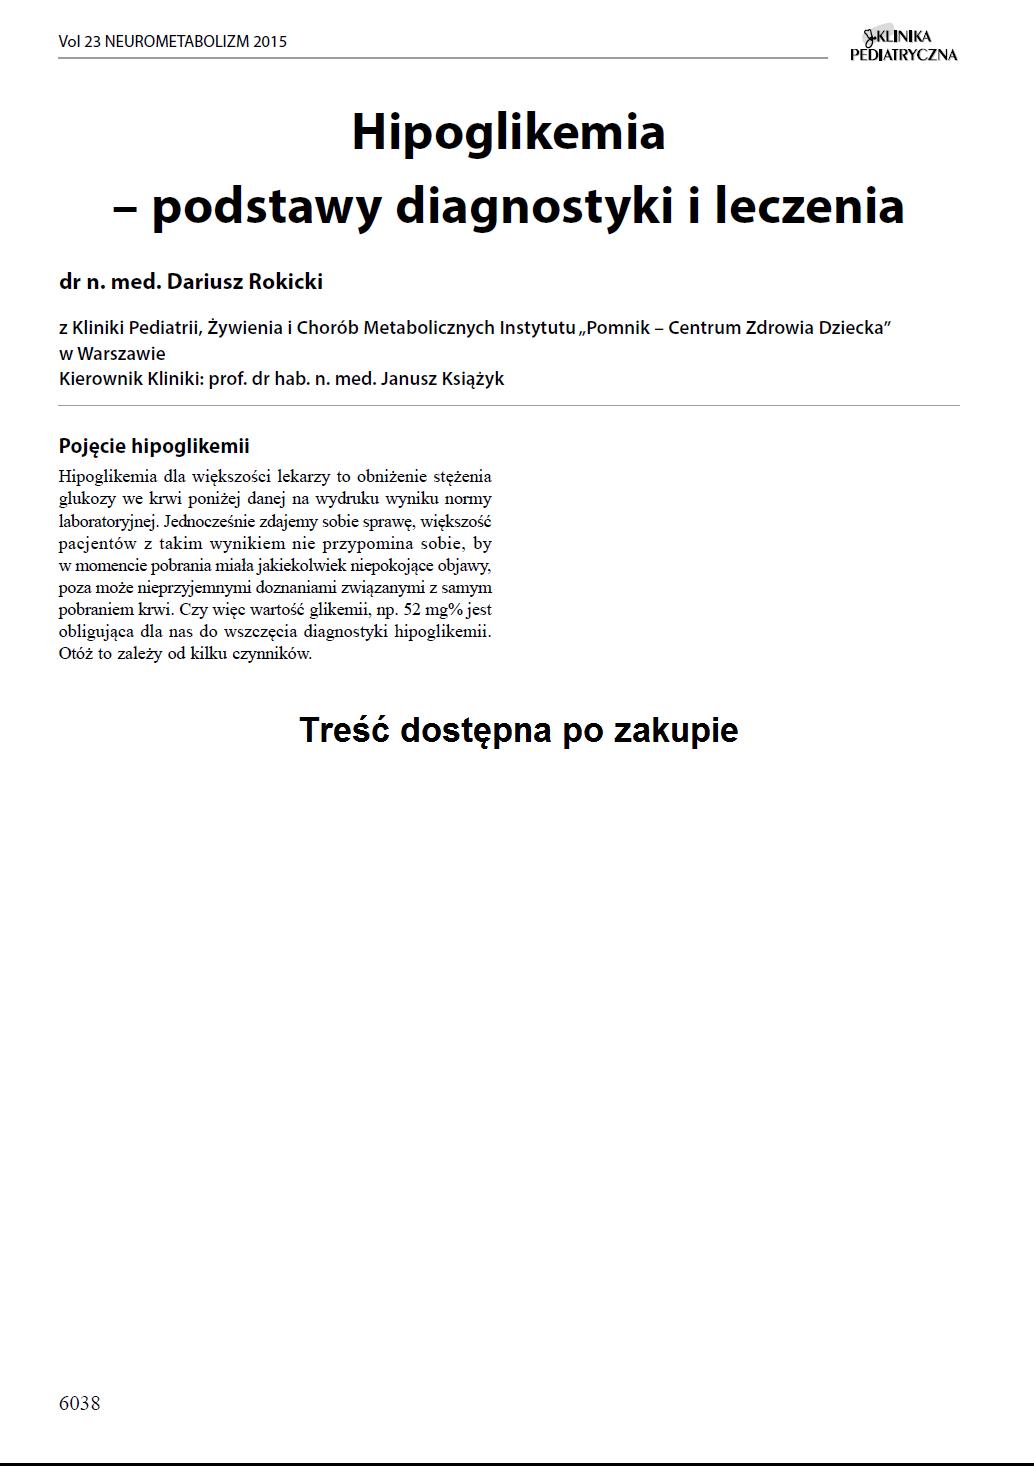 KP 2015-Neurometabolizm: Hipoglikemia – podstawy diagnostyki i leczenia